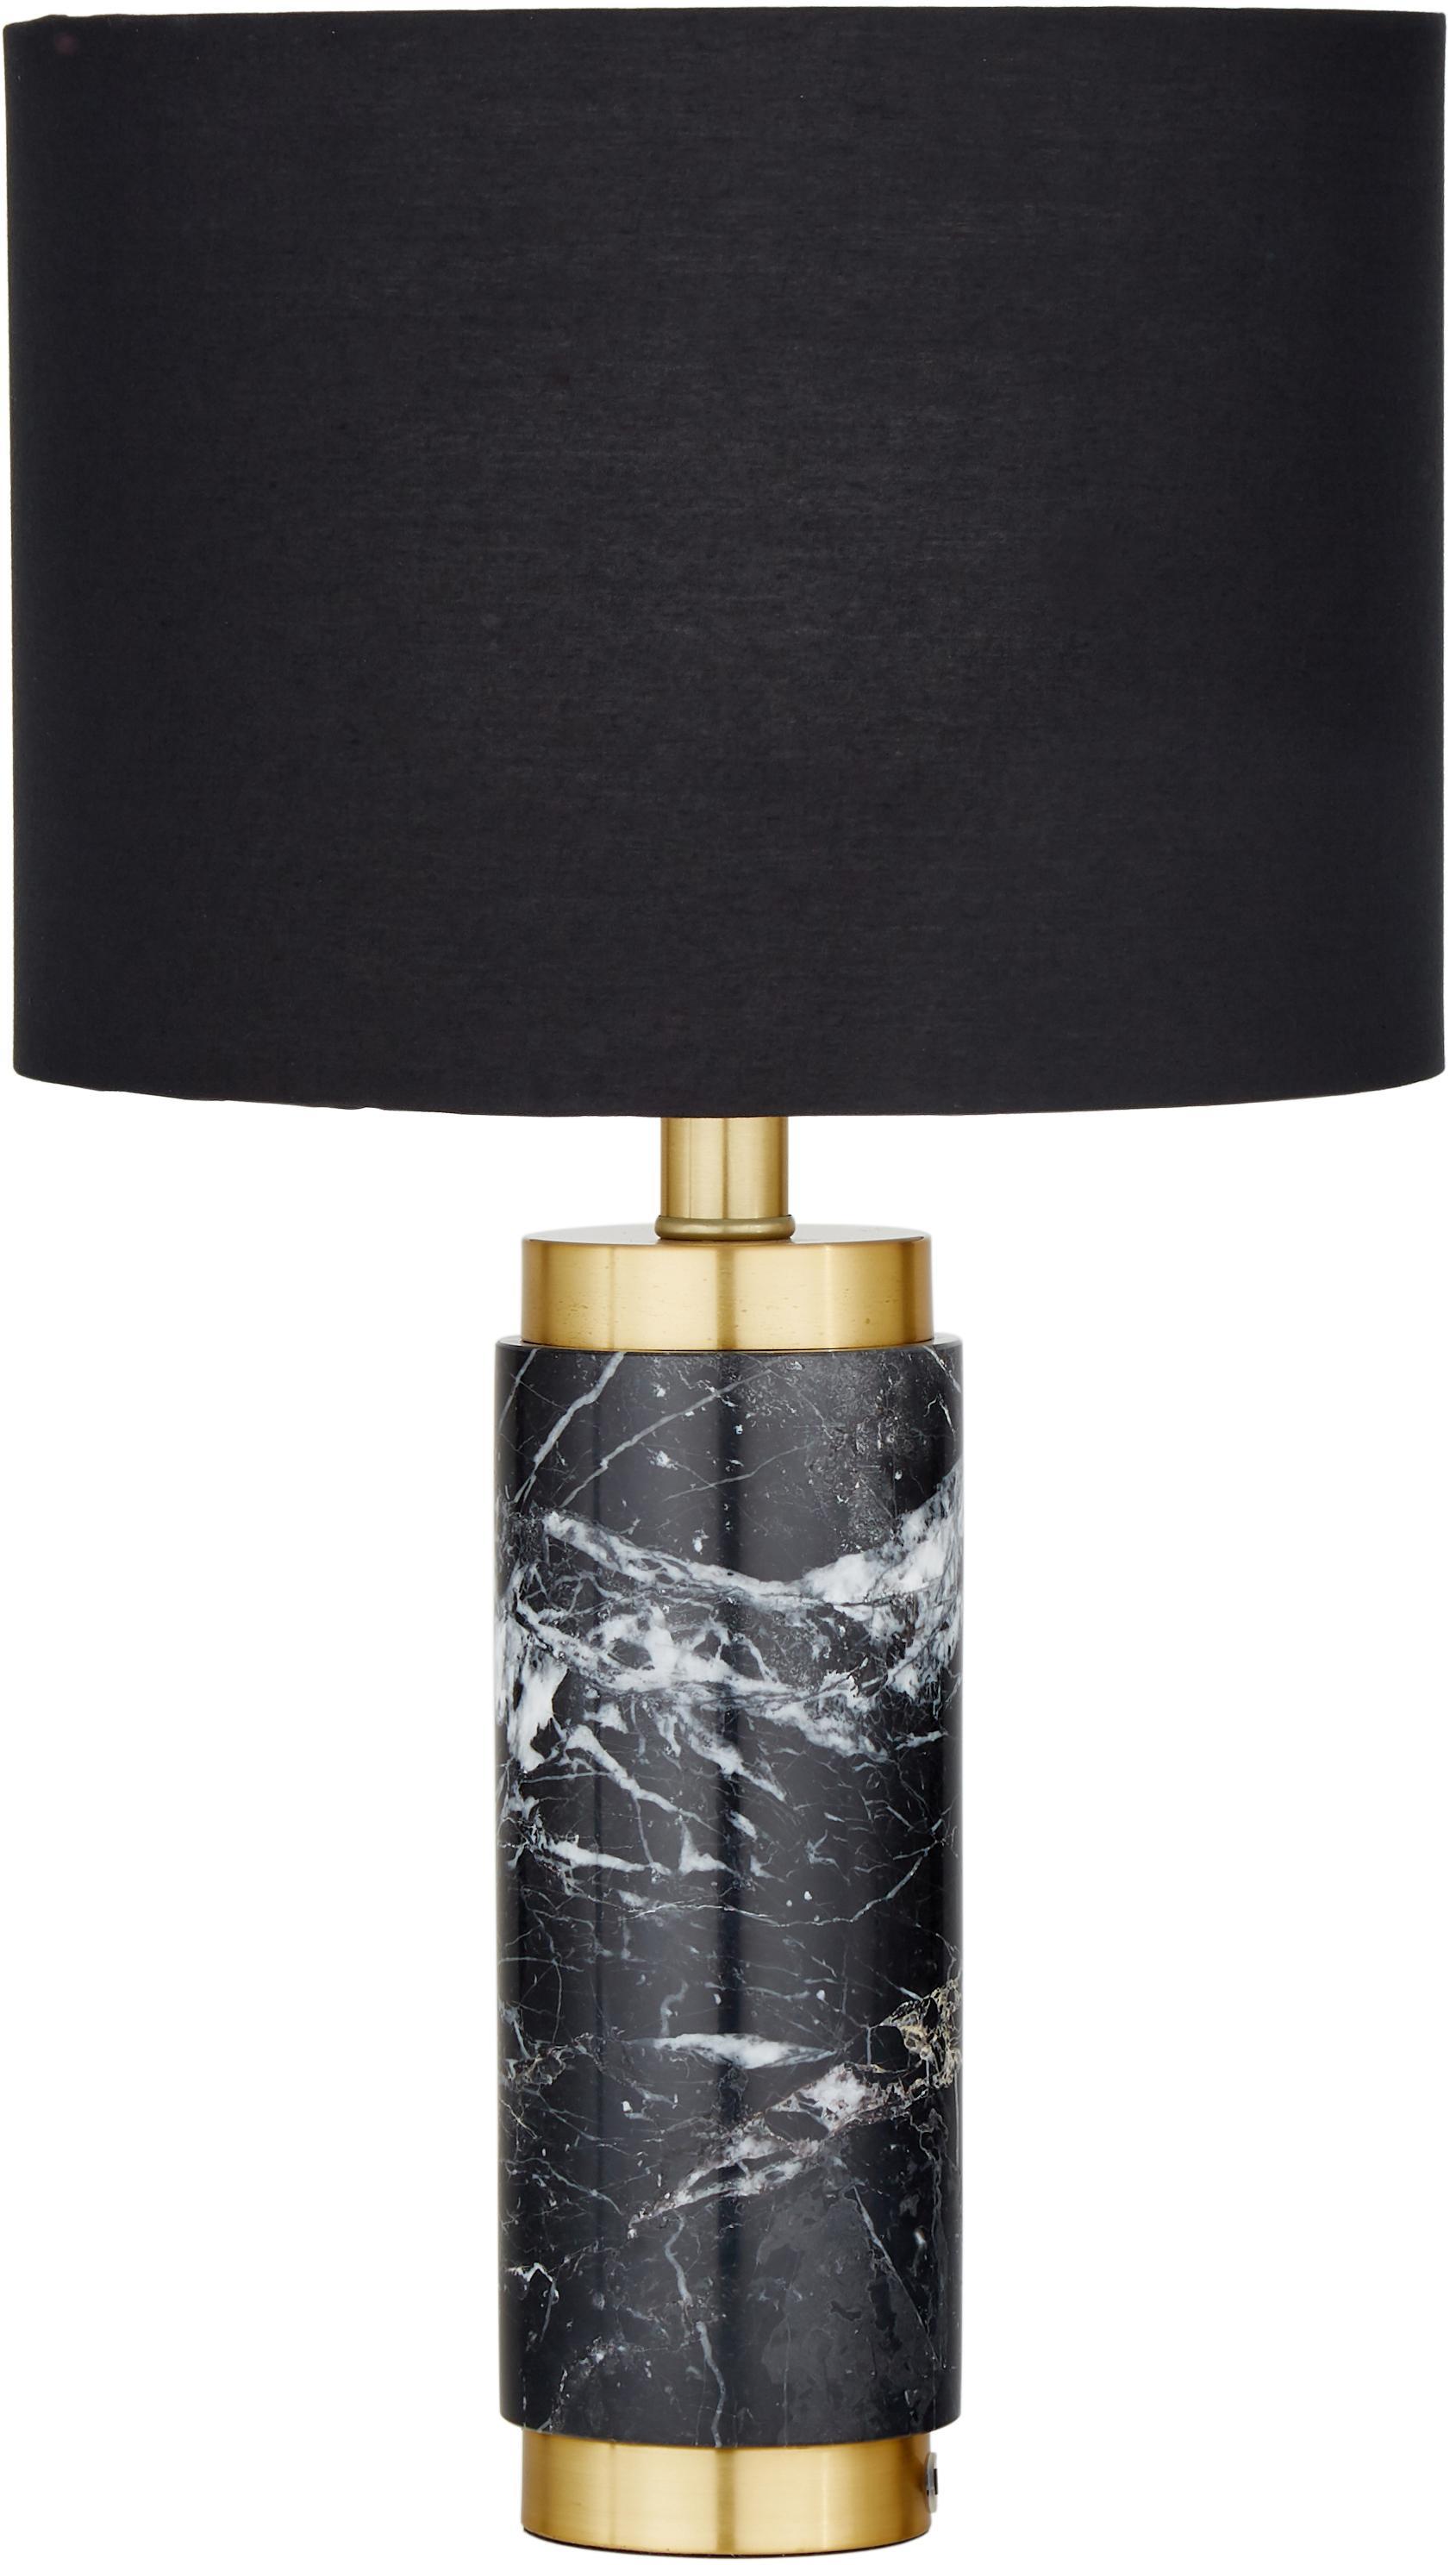 Glam-Tischlampe Miranda mit Marmorfuss, Lampenschirm: Textil, Weiss, Schwarzer Marmor, Ø 28 x H 48 cm